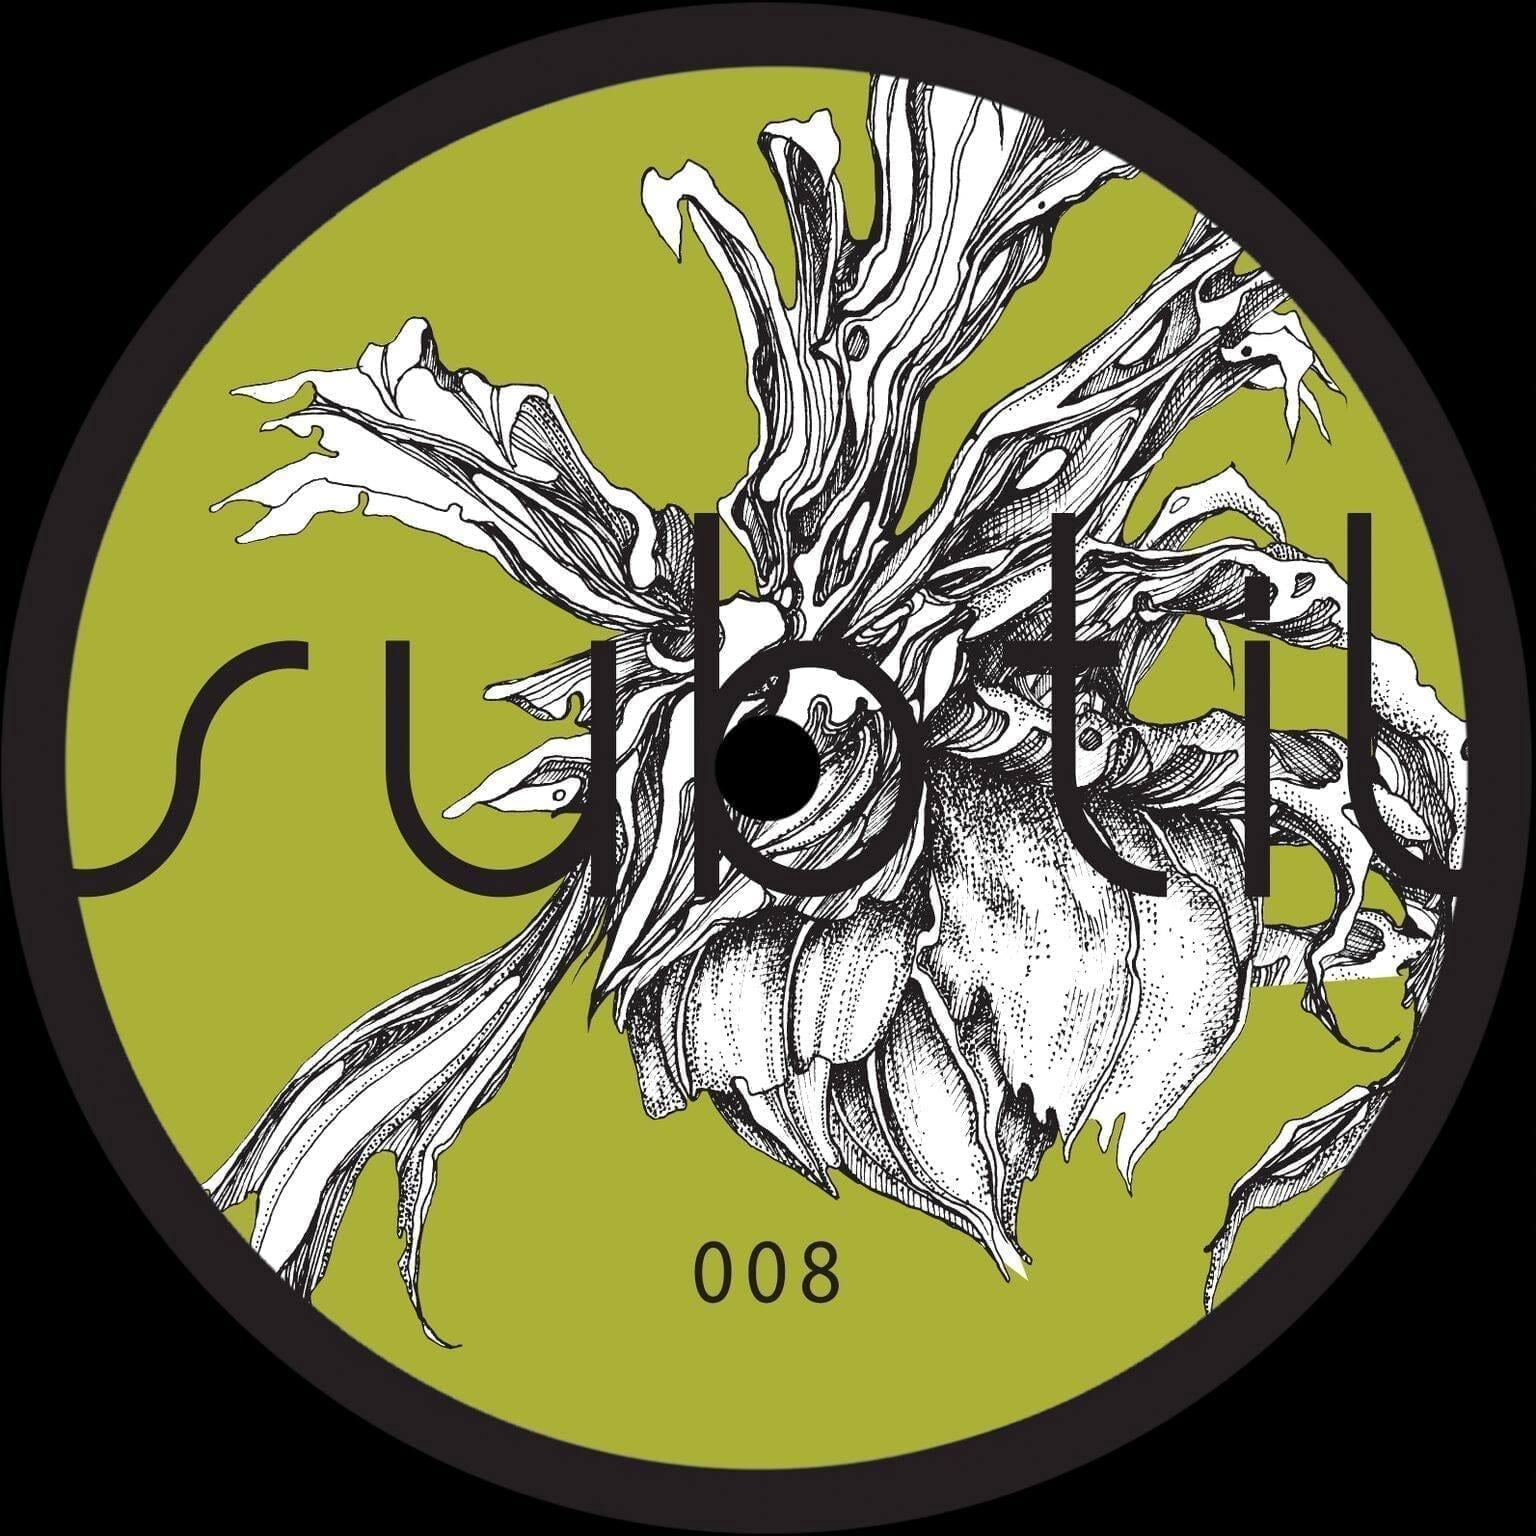 Cosmjn - Vibr8 EP | SBTL008